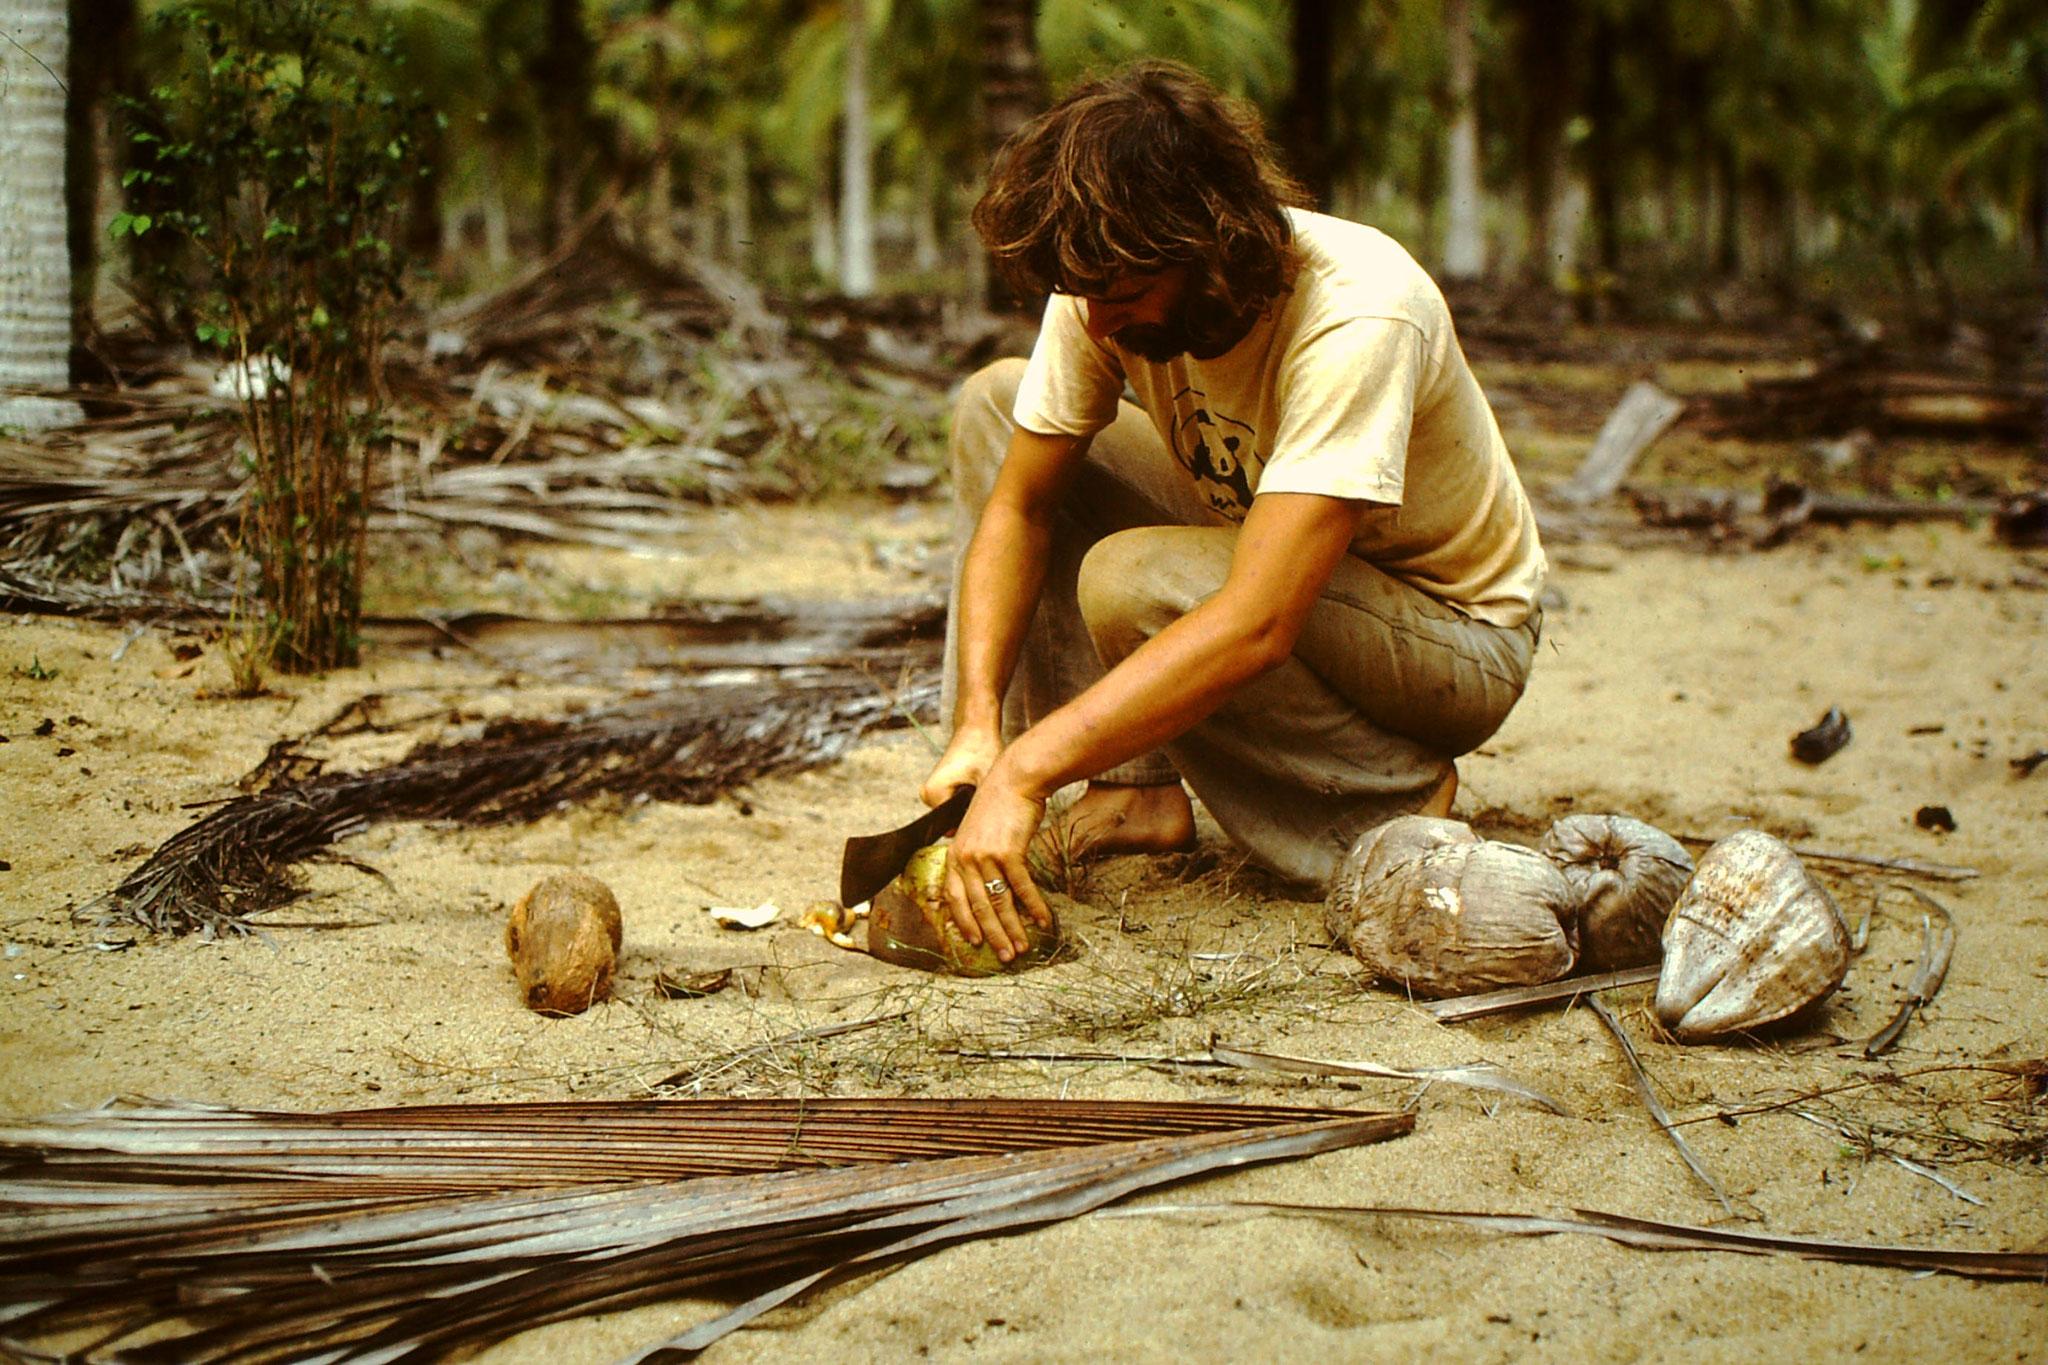 Wenn wir schon unter Kokospalmen übernachtet, sollte man auch Kokosnüsse essen. Nur sollte man nicht solche alten, ausgetrockneten Kokosnüsse öffnen. Man lernt nie aus.